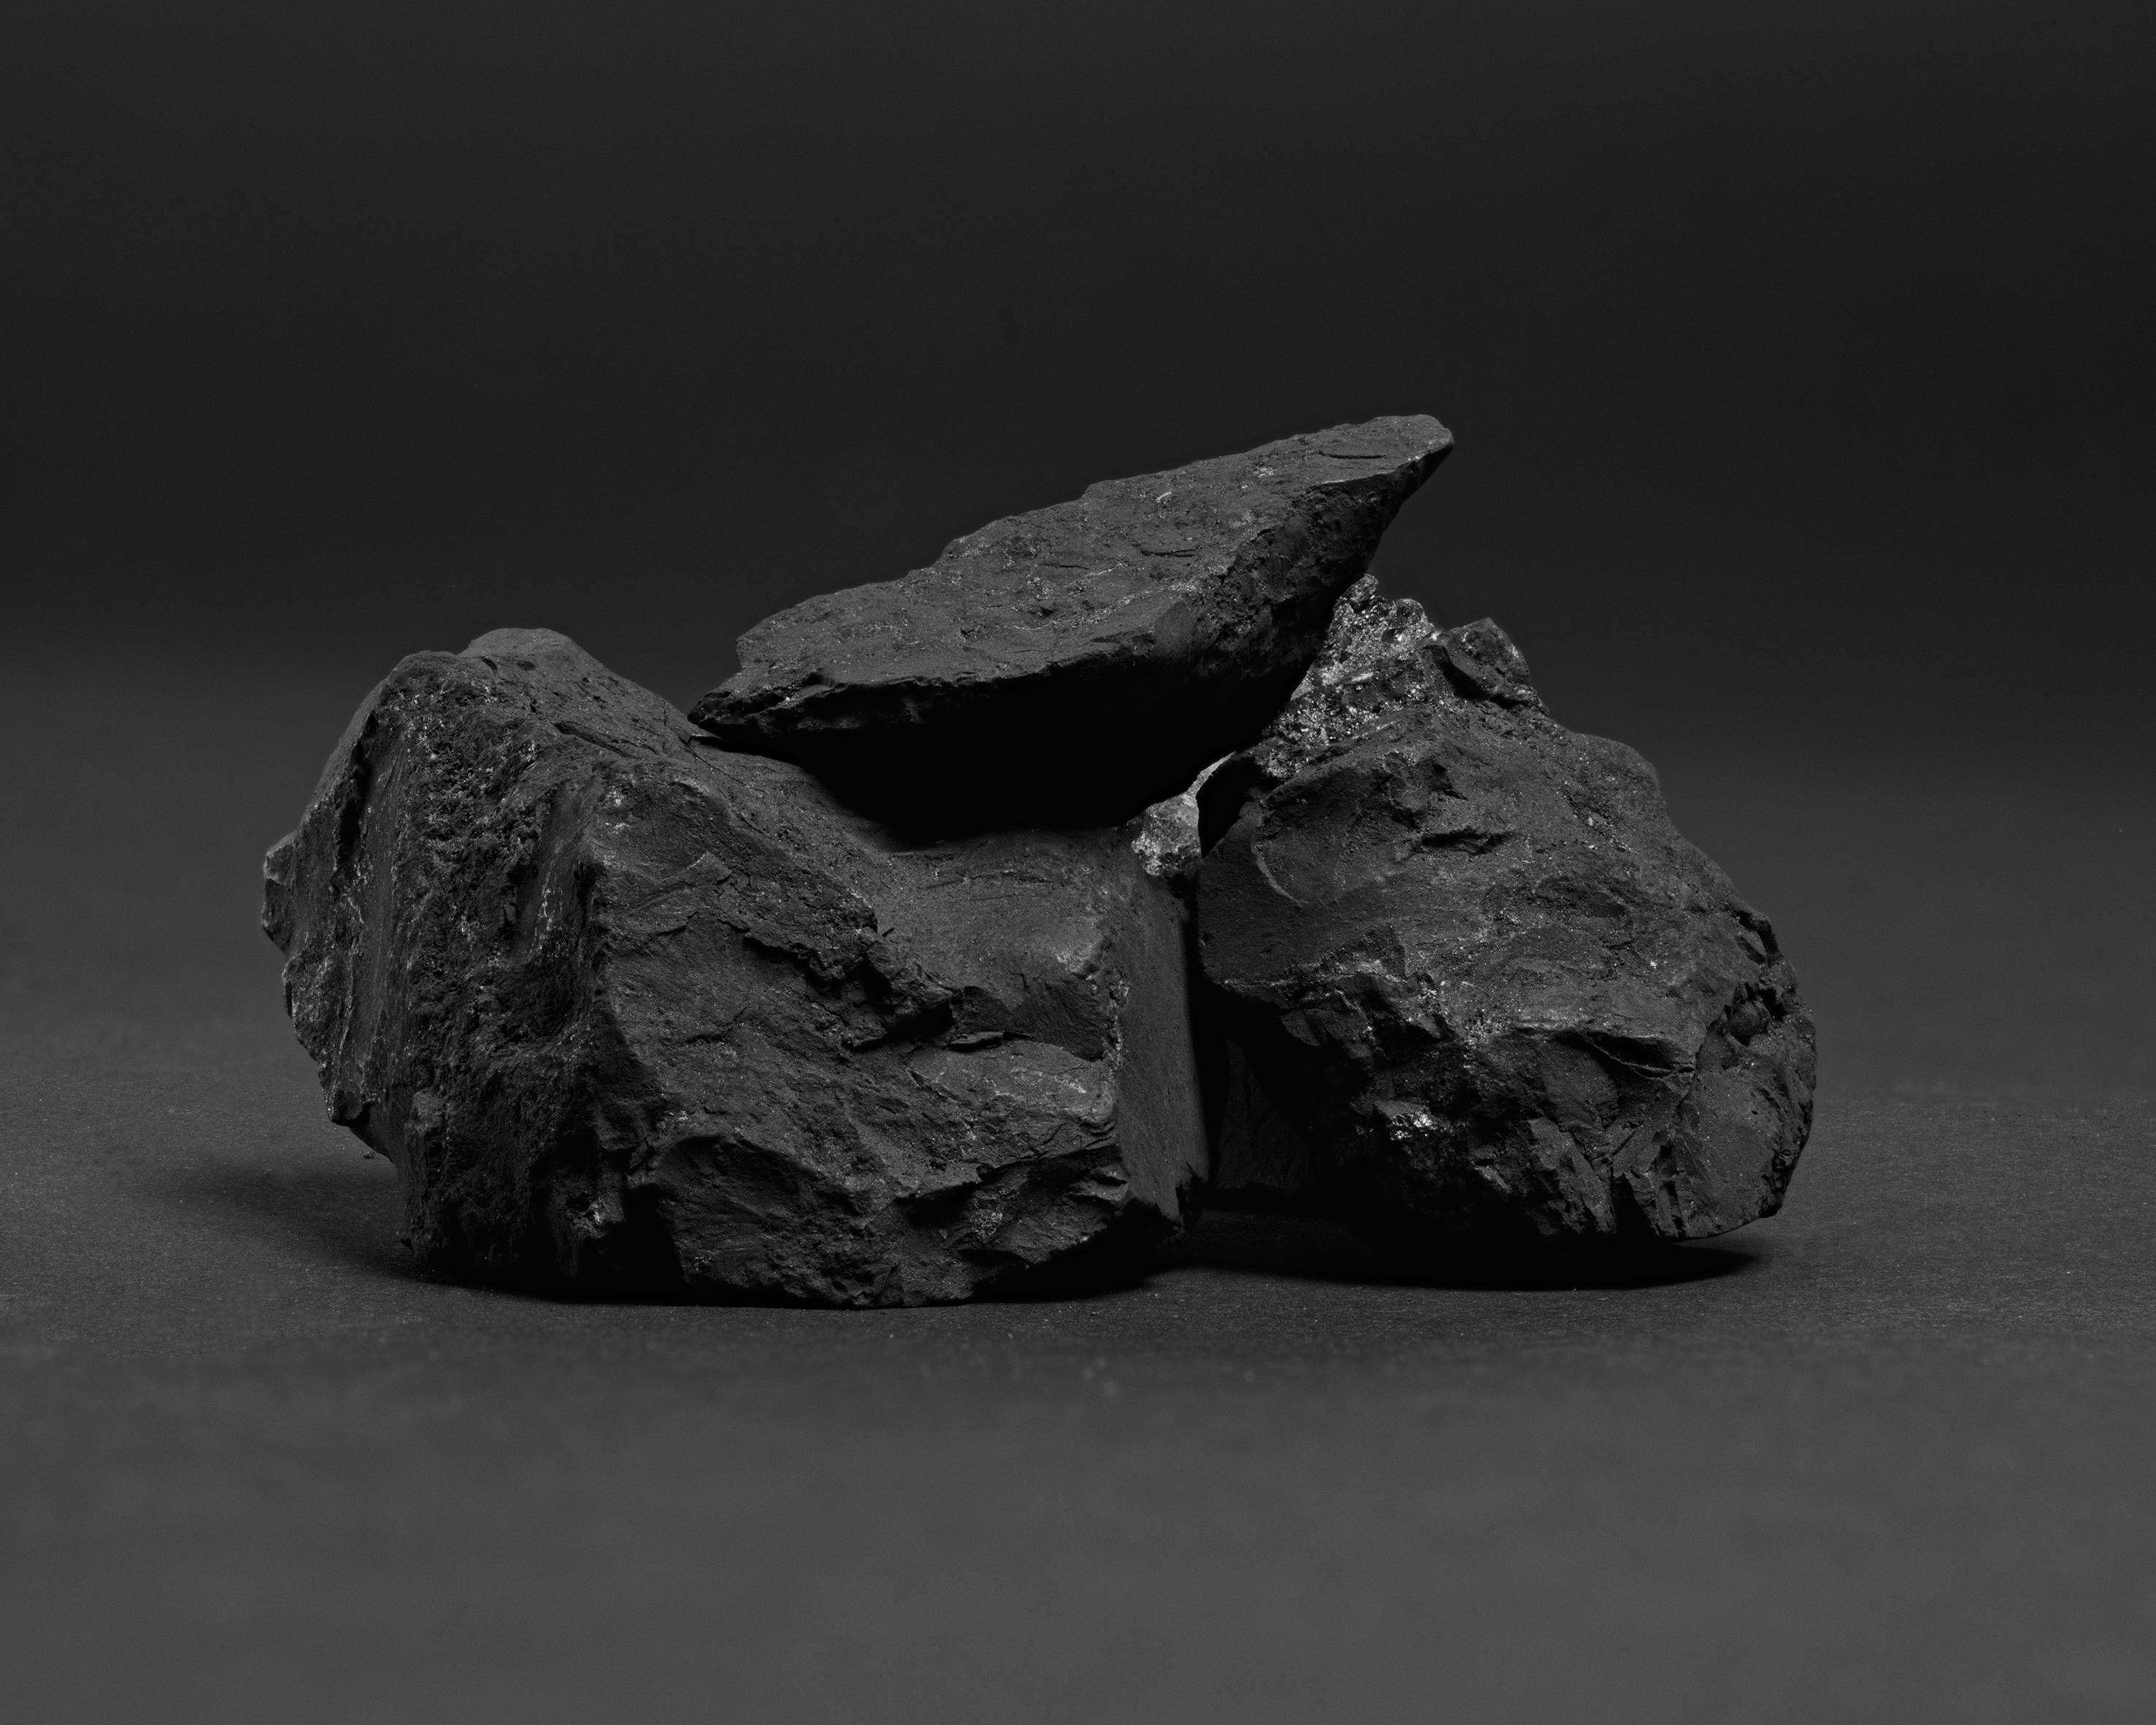 AGeolologicalIndexOfTheLandscape__2